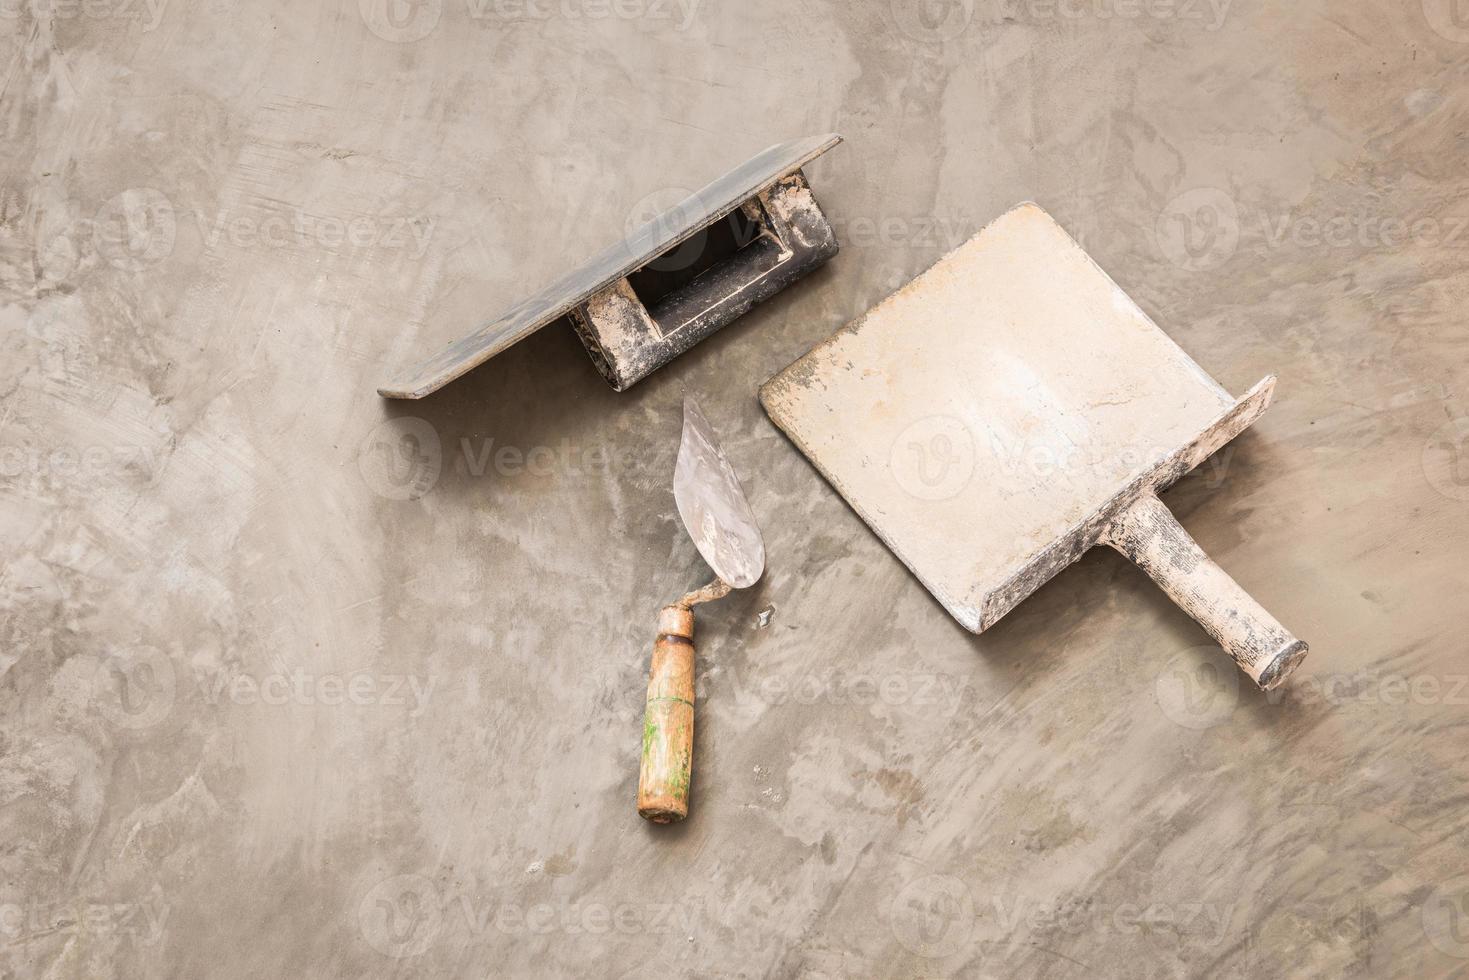 konstruktionsverktyg för betongjobb foto